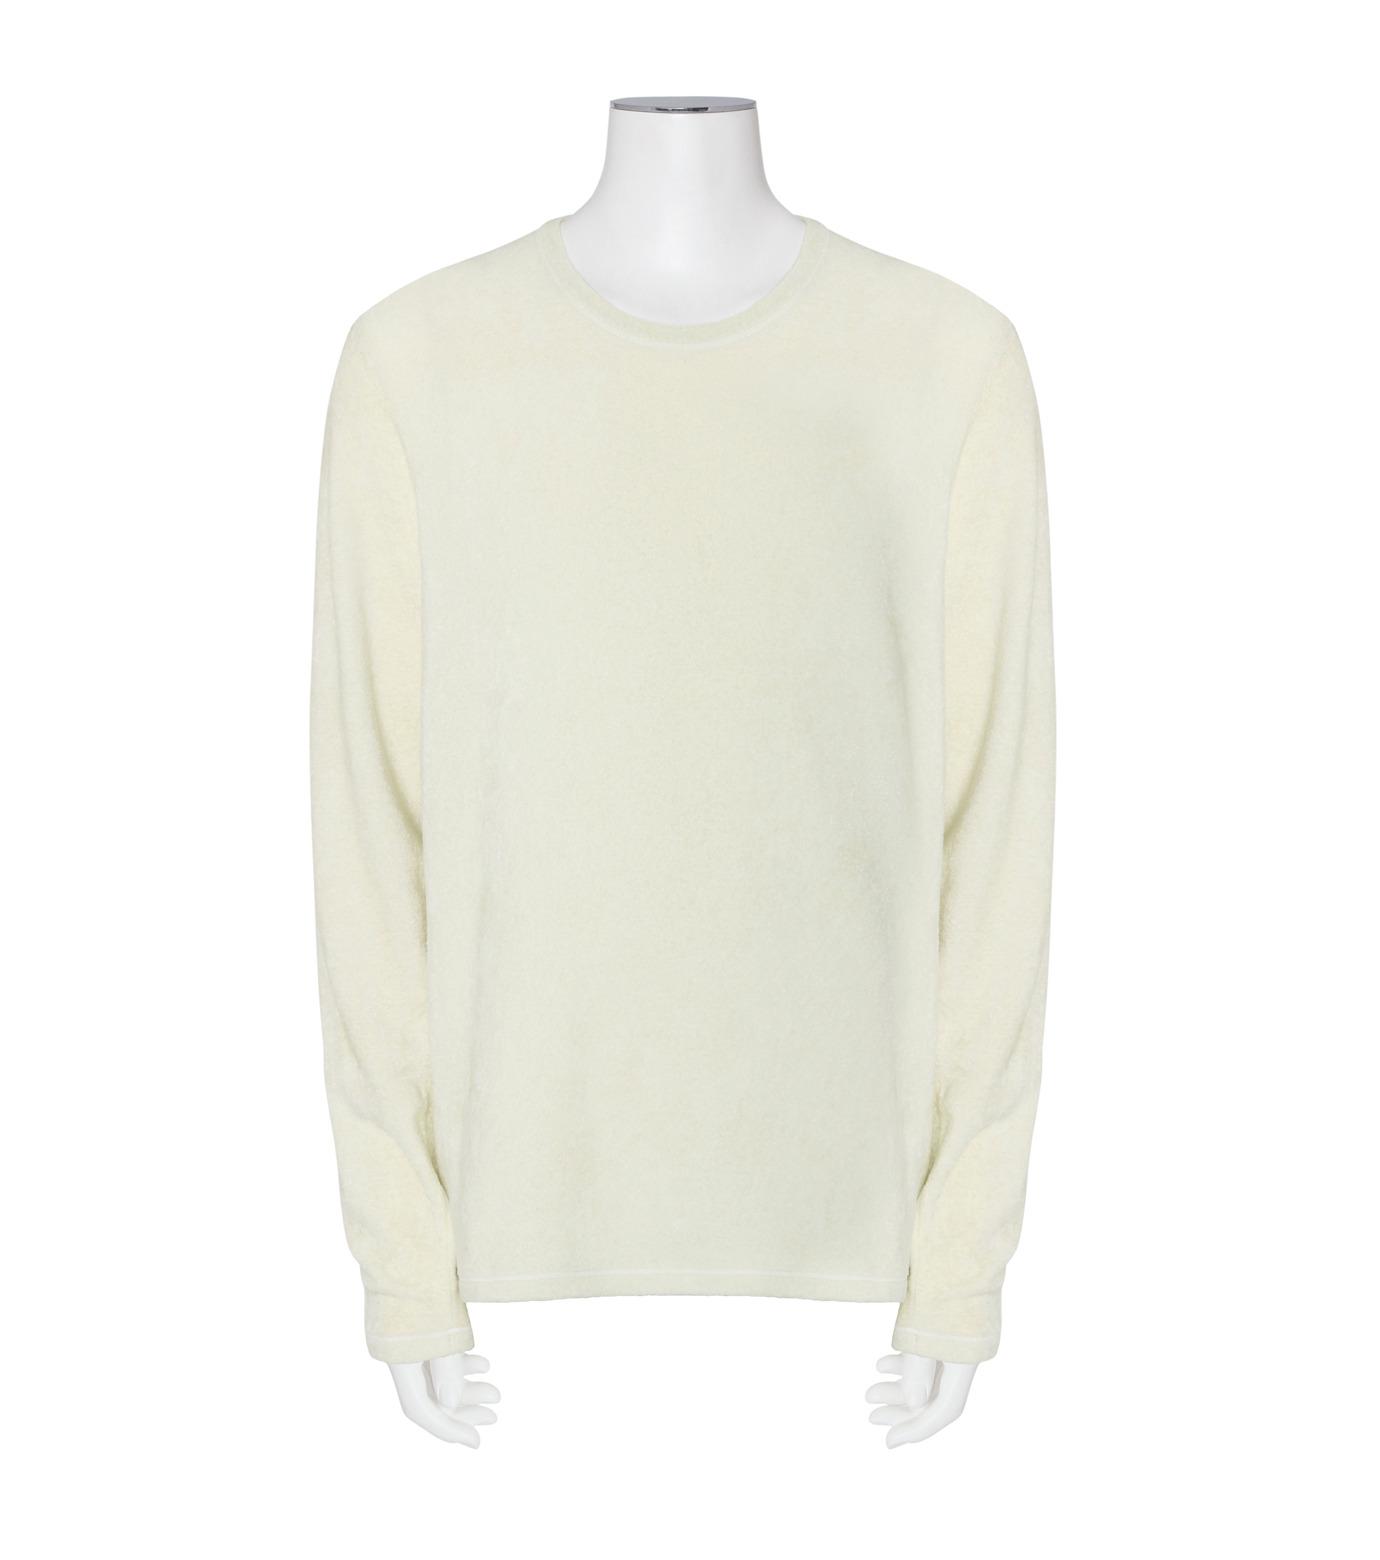 ACNE STUDIOS(アクネ ストゥディオズ)のFleese Longsleeve-WHITE(ニット/knit)-29H164-5 拡大詳細画像1